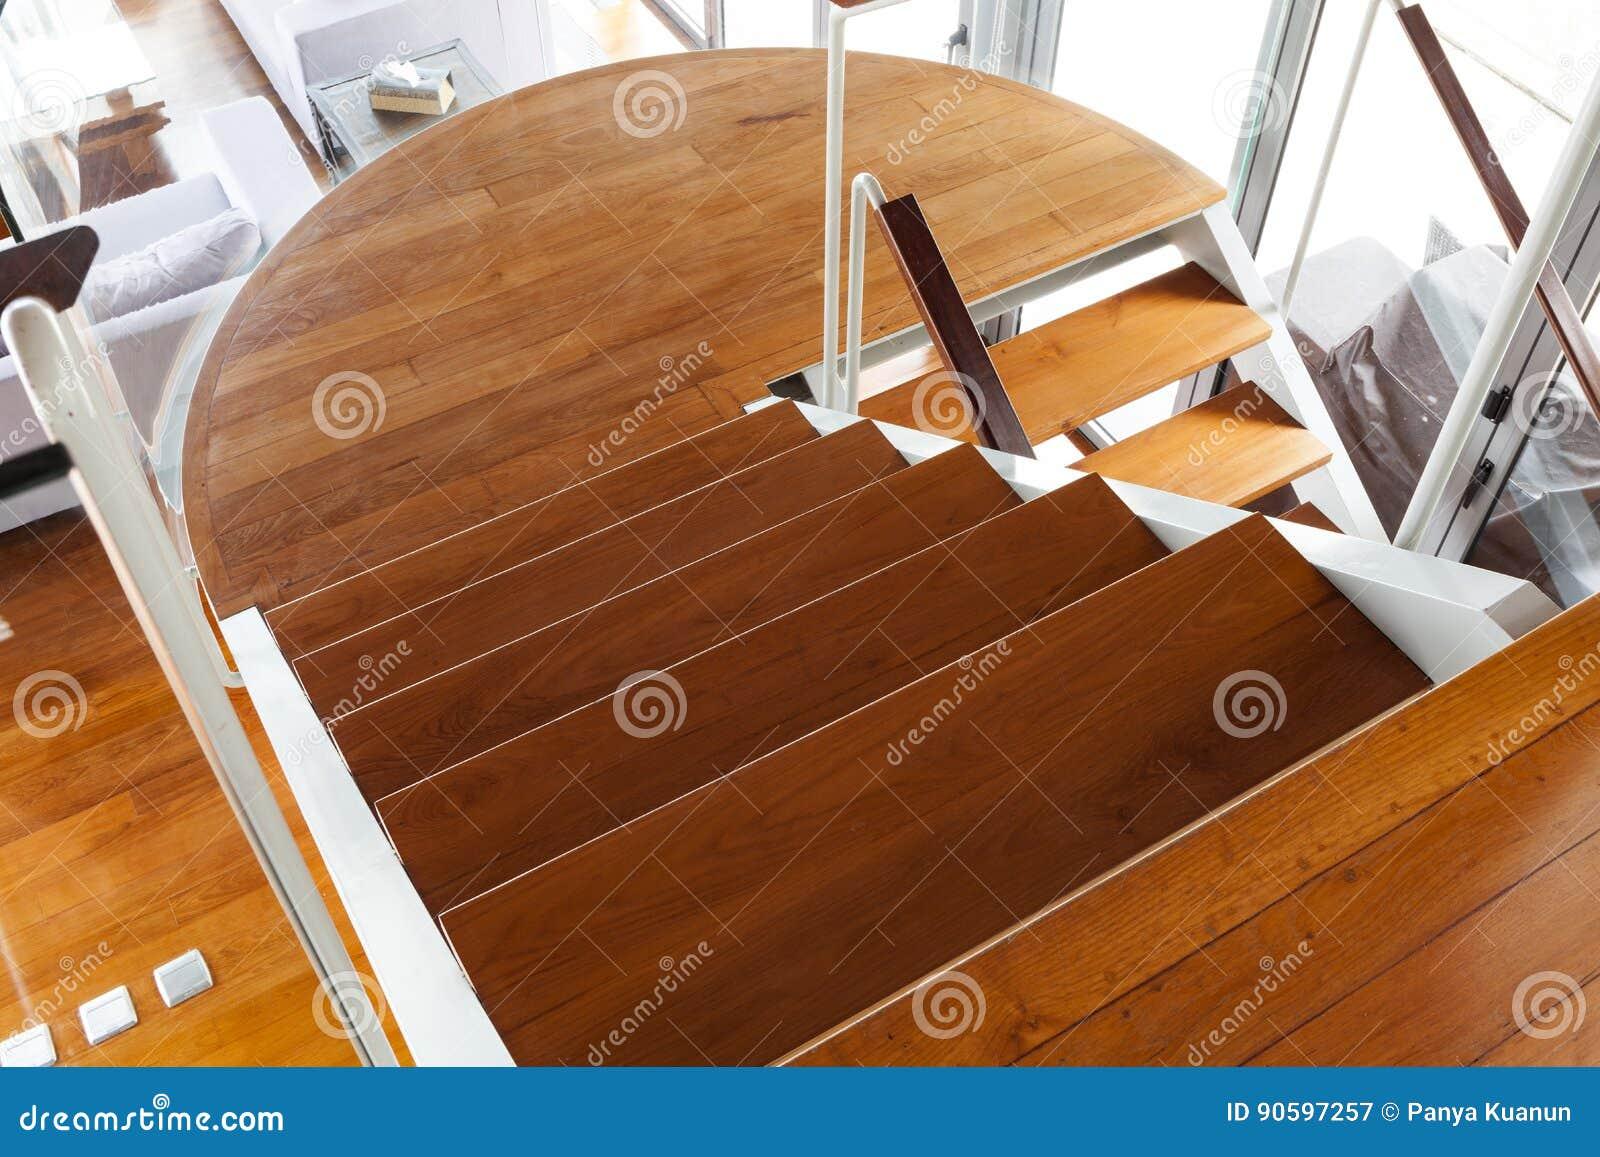 Luxuriöses Modernes Hölzernes Treppenhaus Im Modernen Haus Stockbild ...